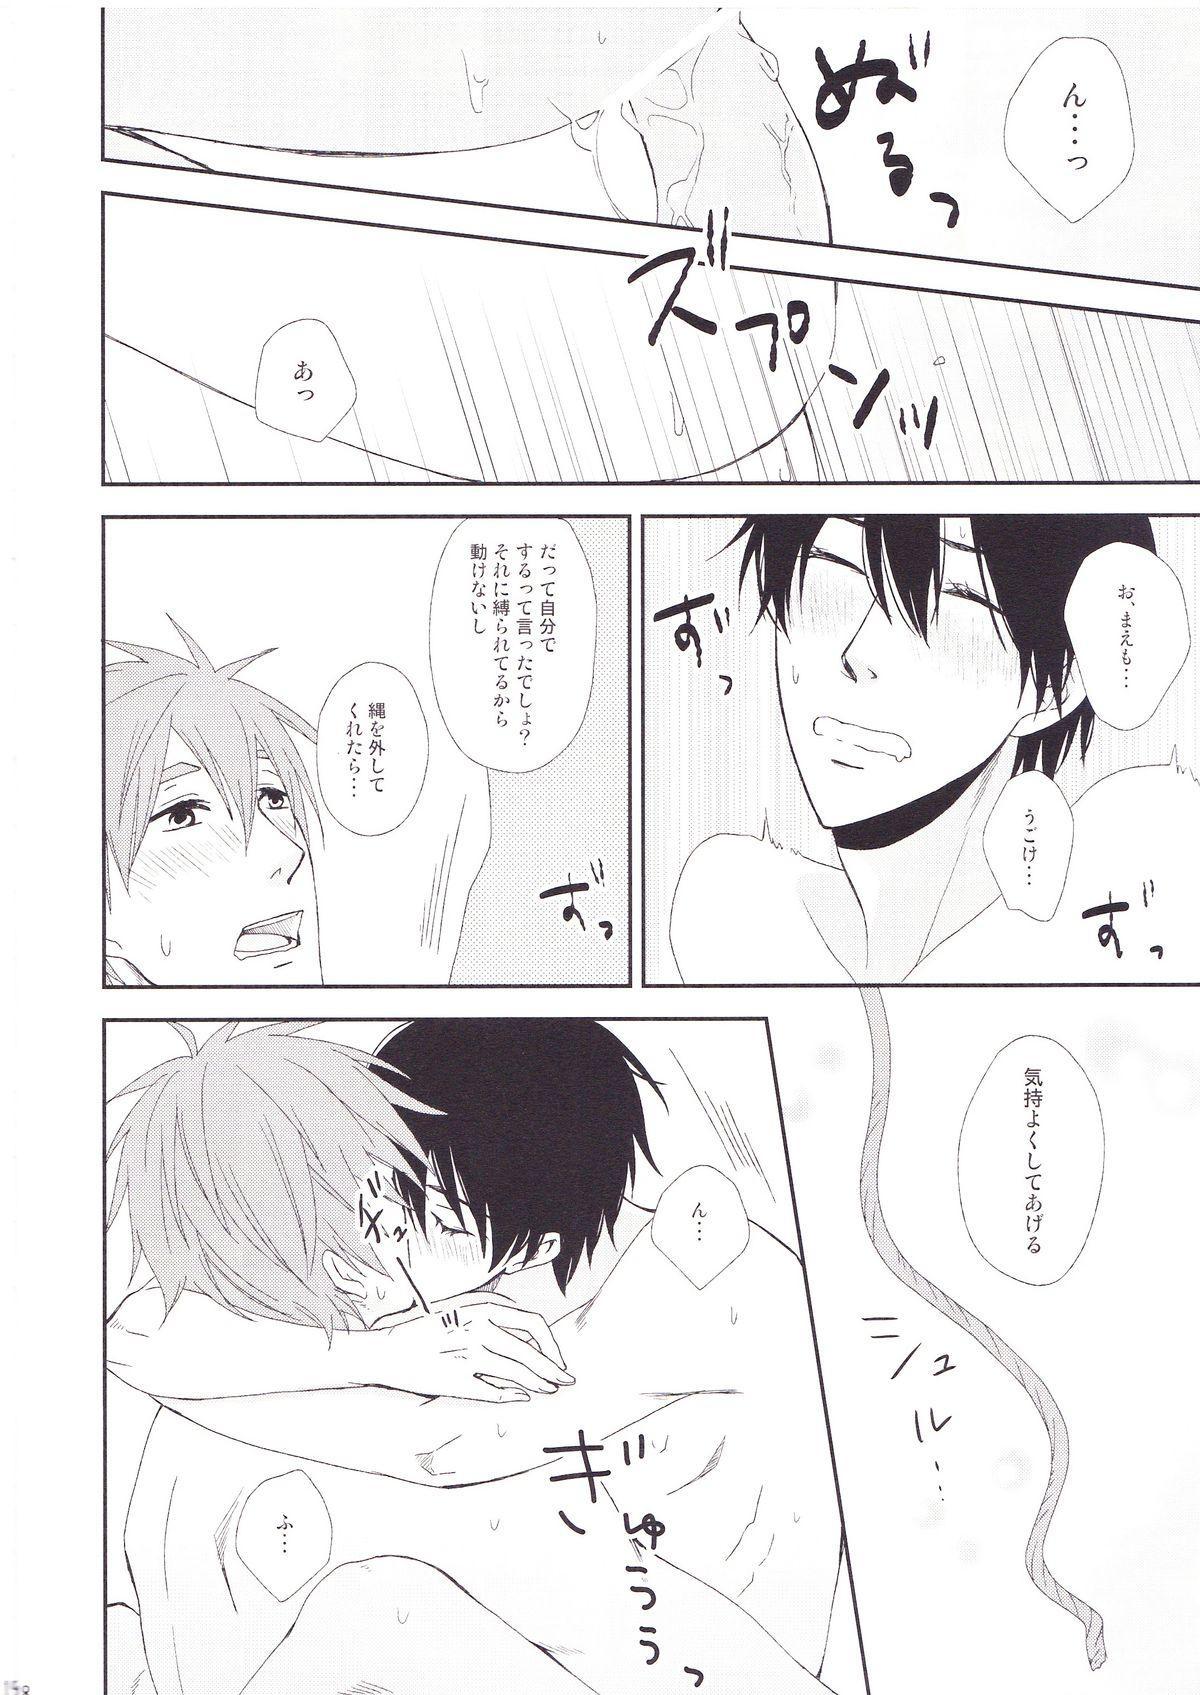 Koi no nawa shikakemashou 17